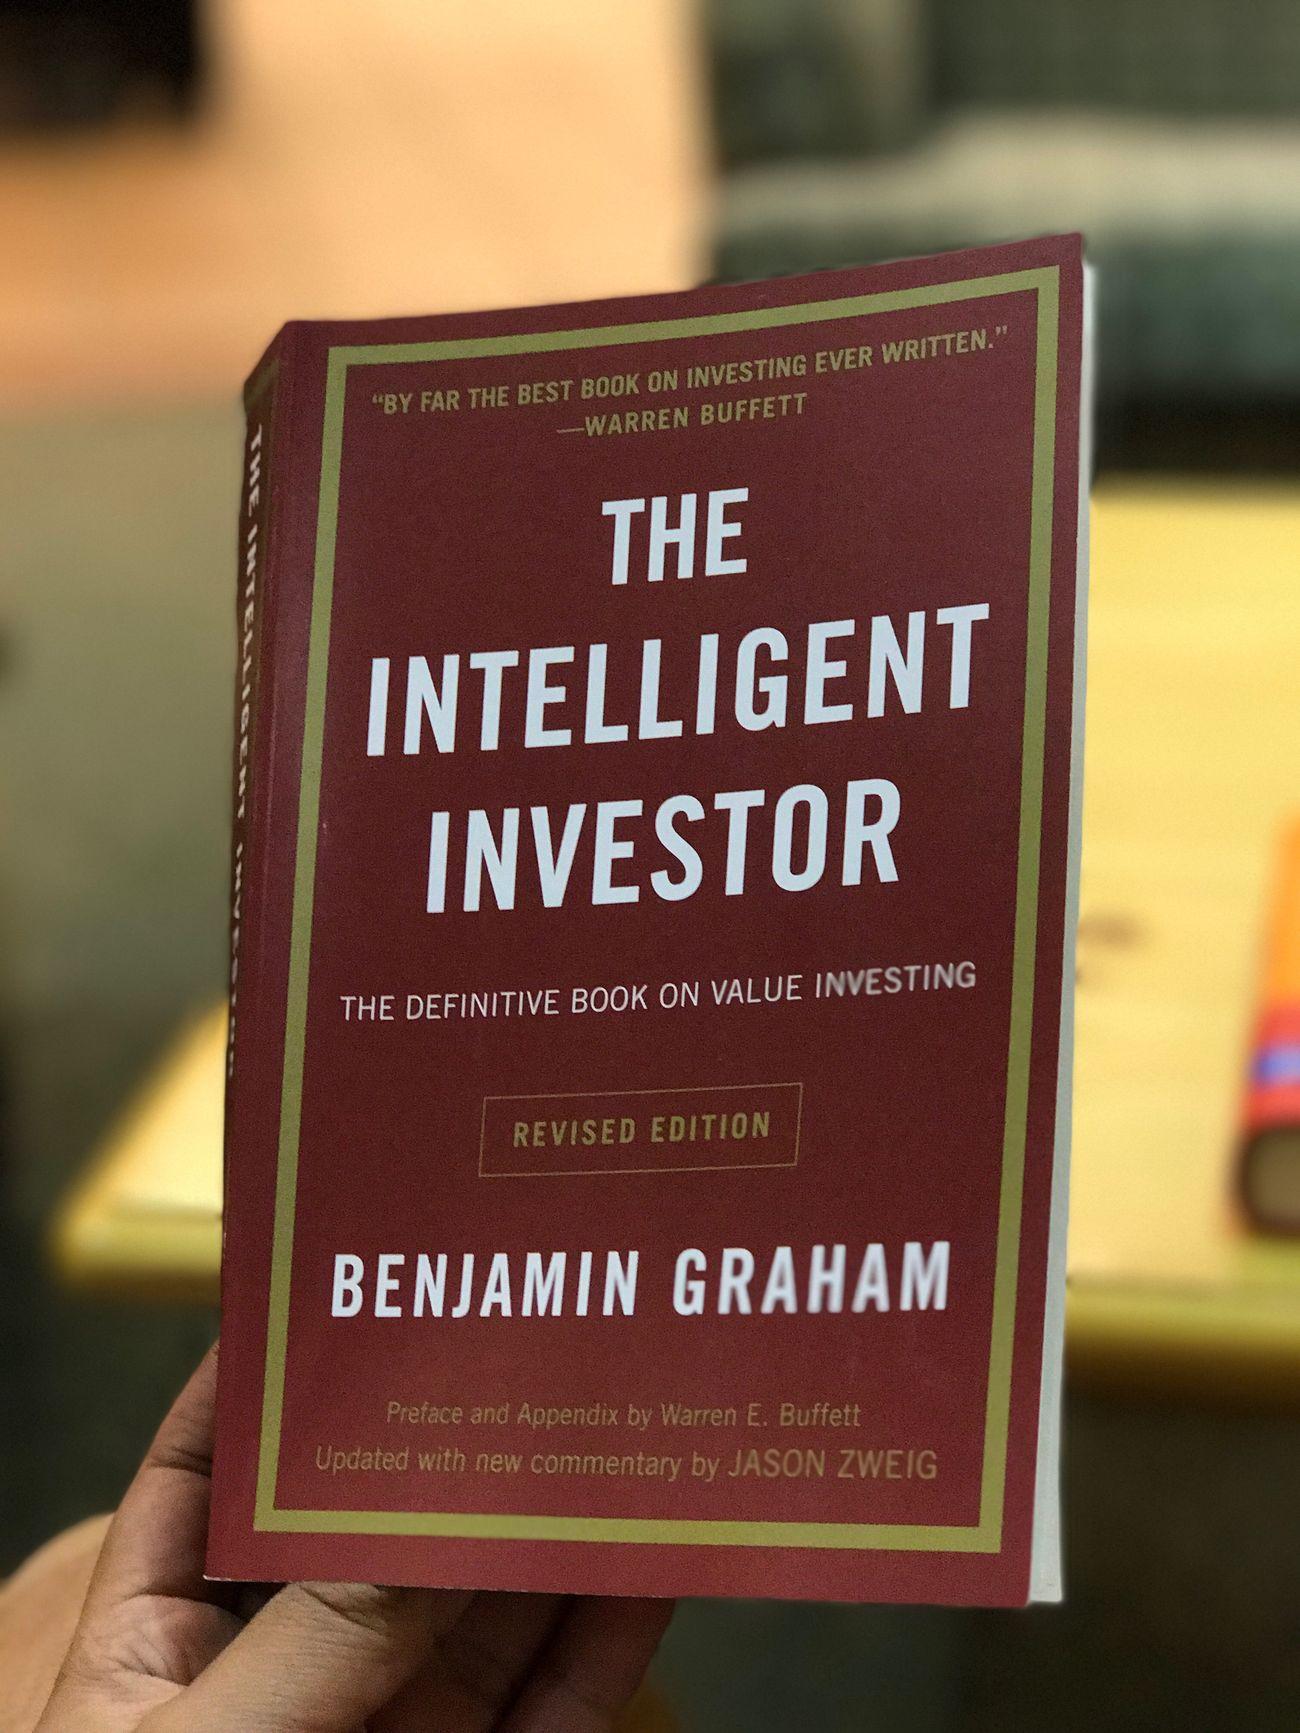 Business Investing Investors Entrepreneurship Entrepreneur Books Library Knownledge Learning Reading